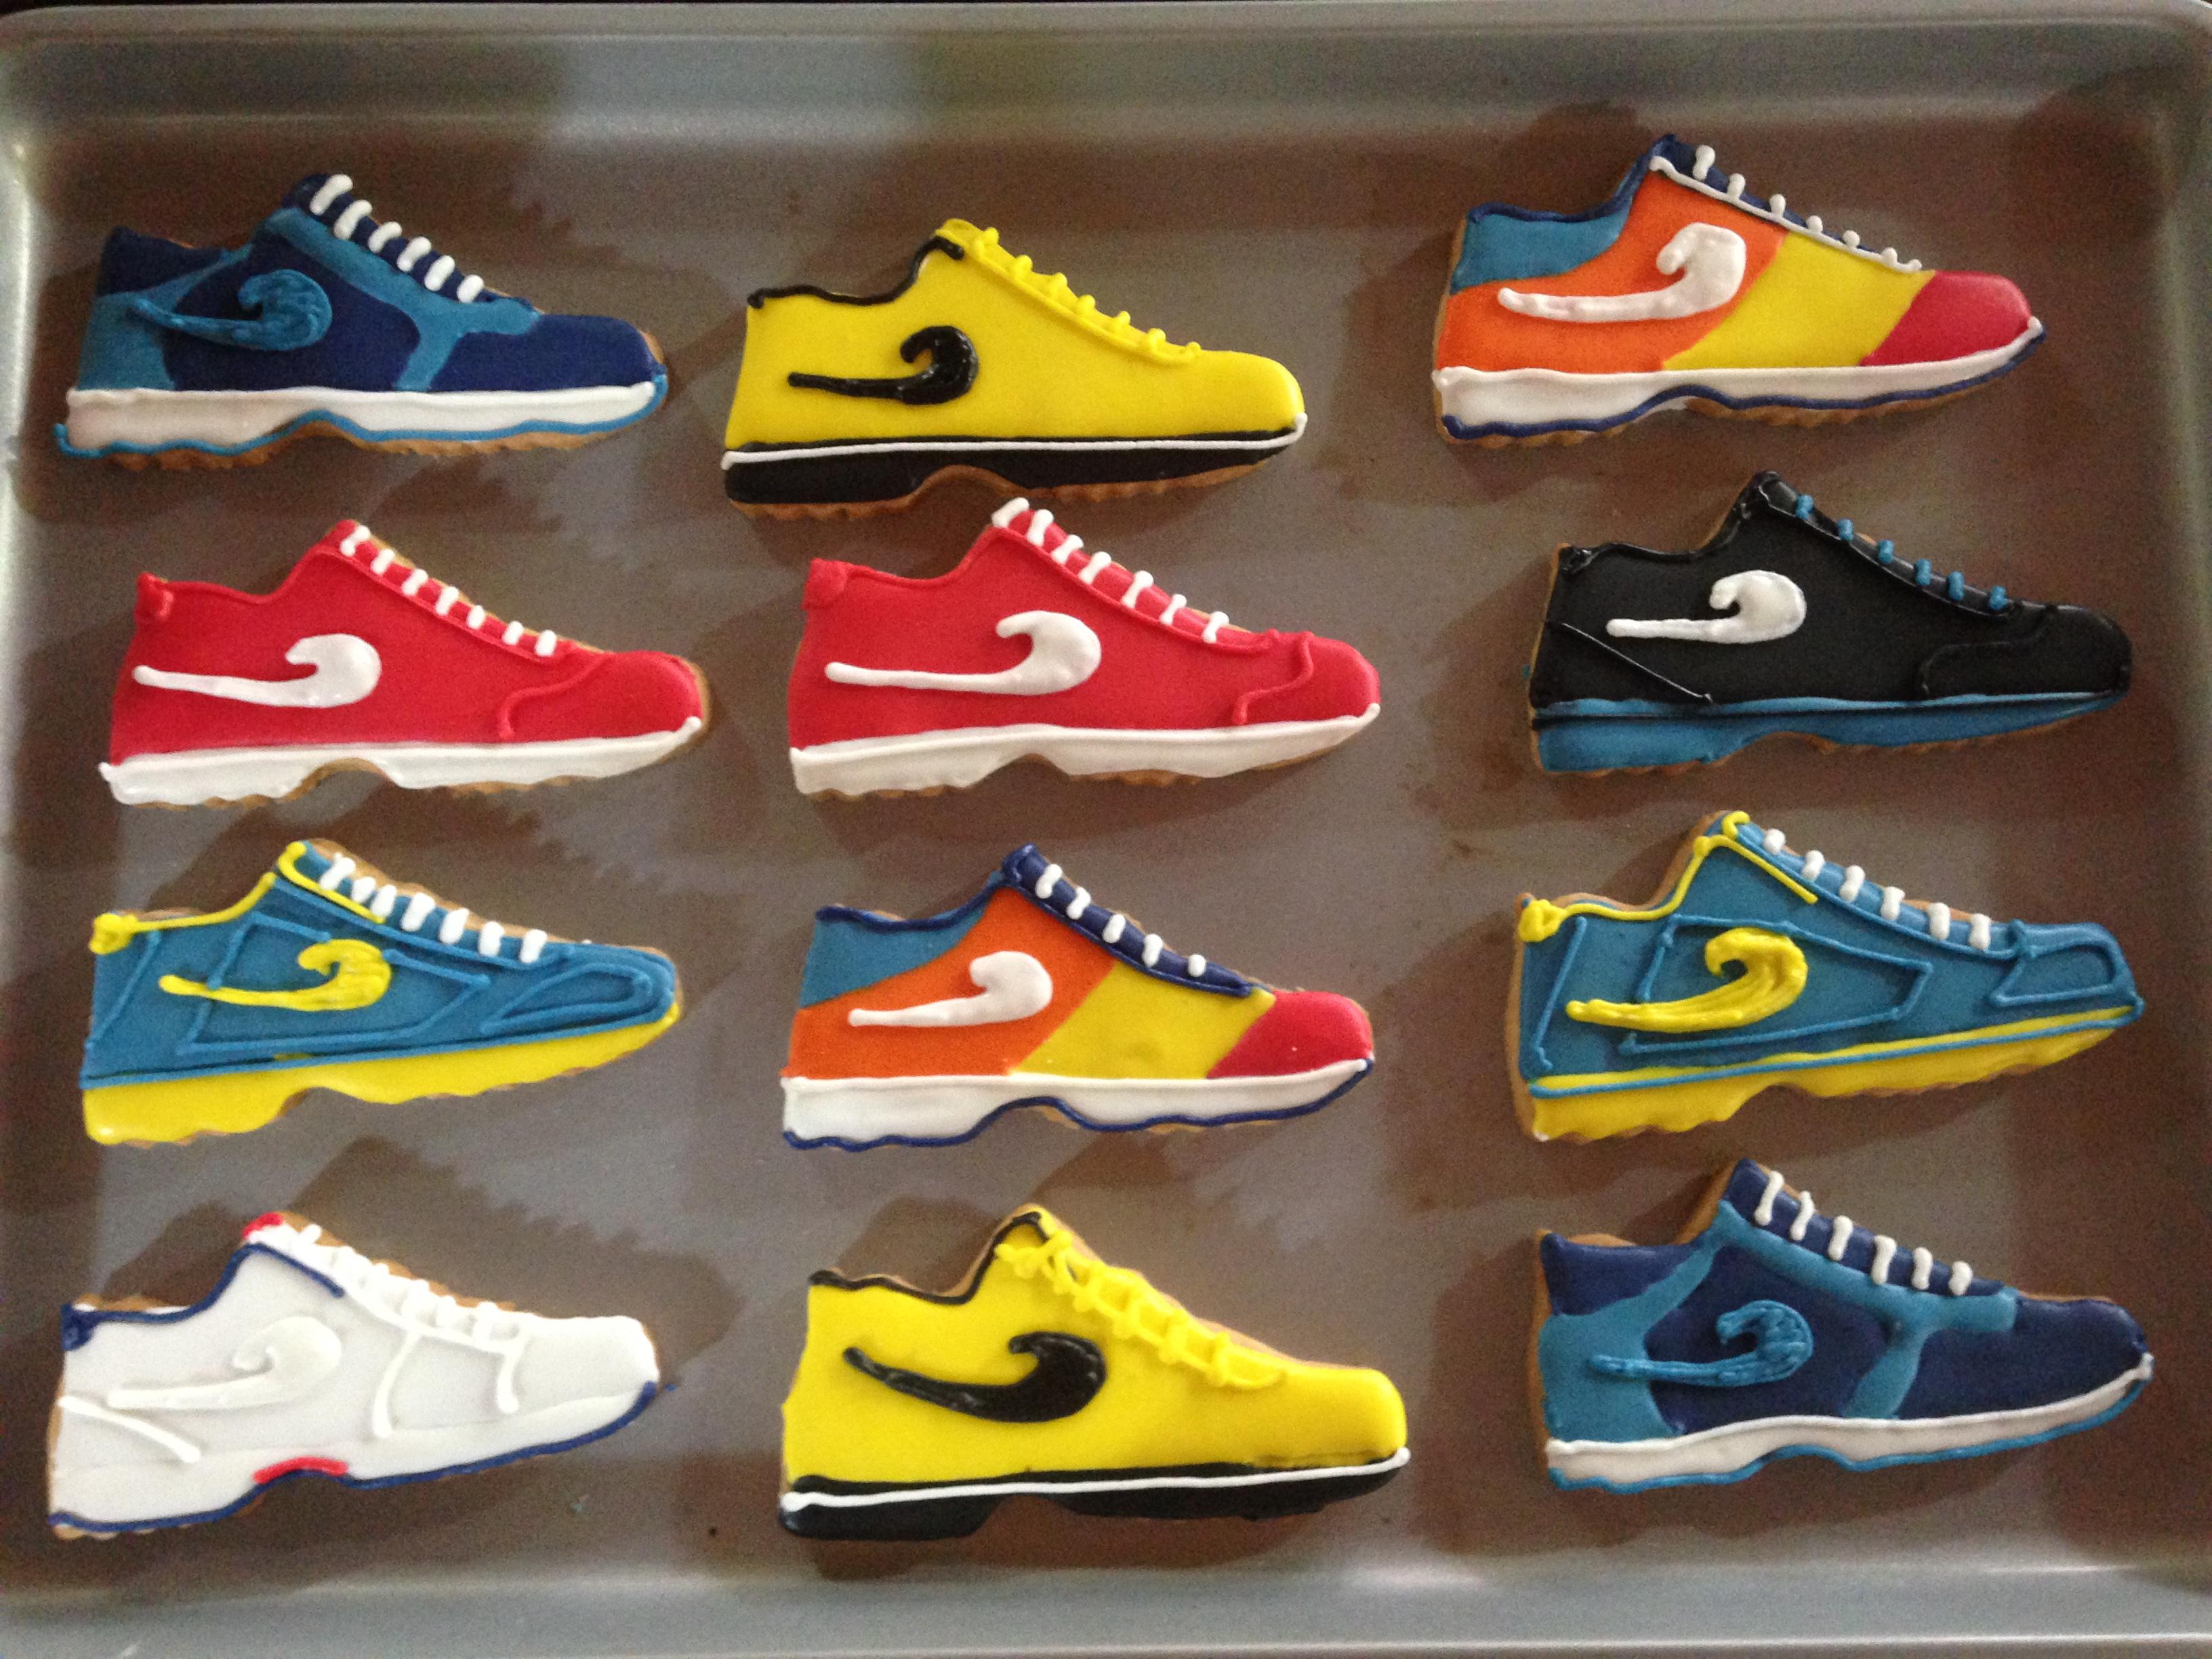 Chuteira Nike Hypervenom  80f28bcc7acd9